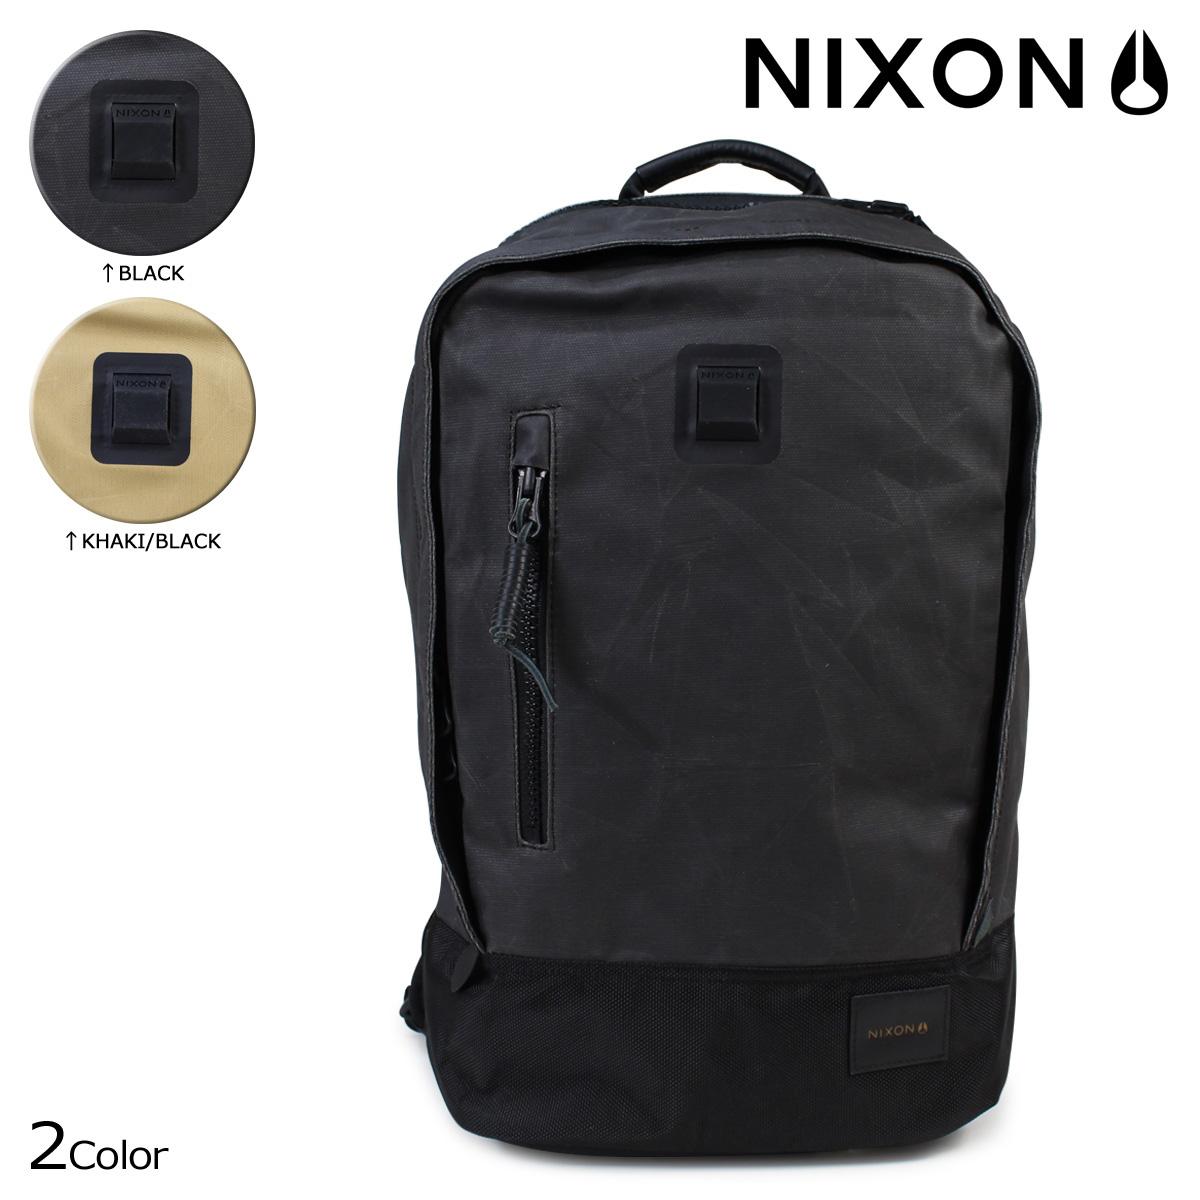 NIXON ニクソン リュック バックパック 19L BASE BACKPACK C2185 メンズ レディース 【決算セール 返品不可】